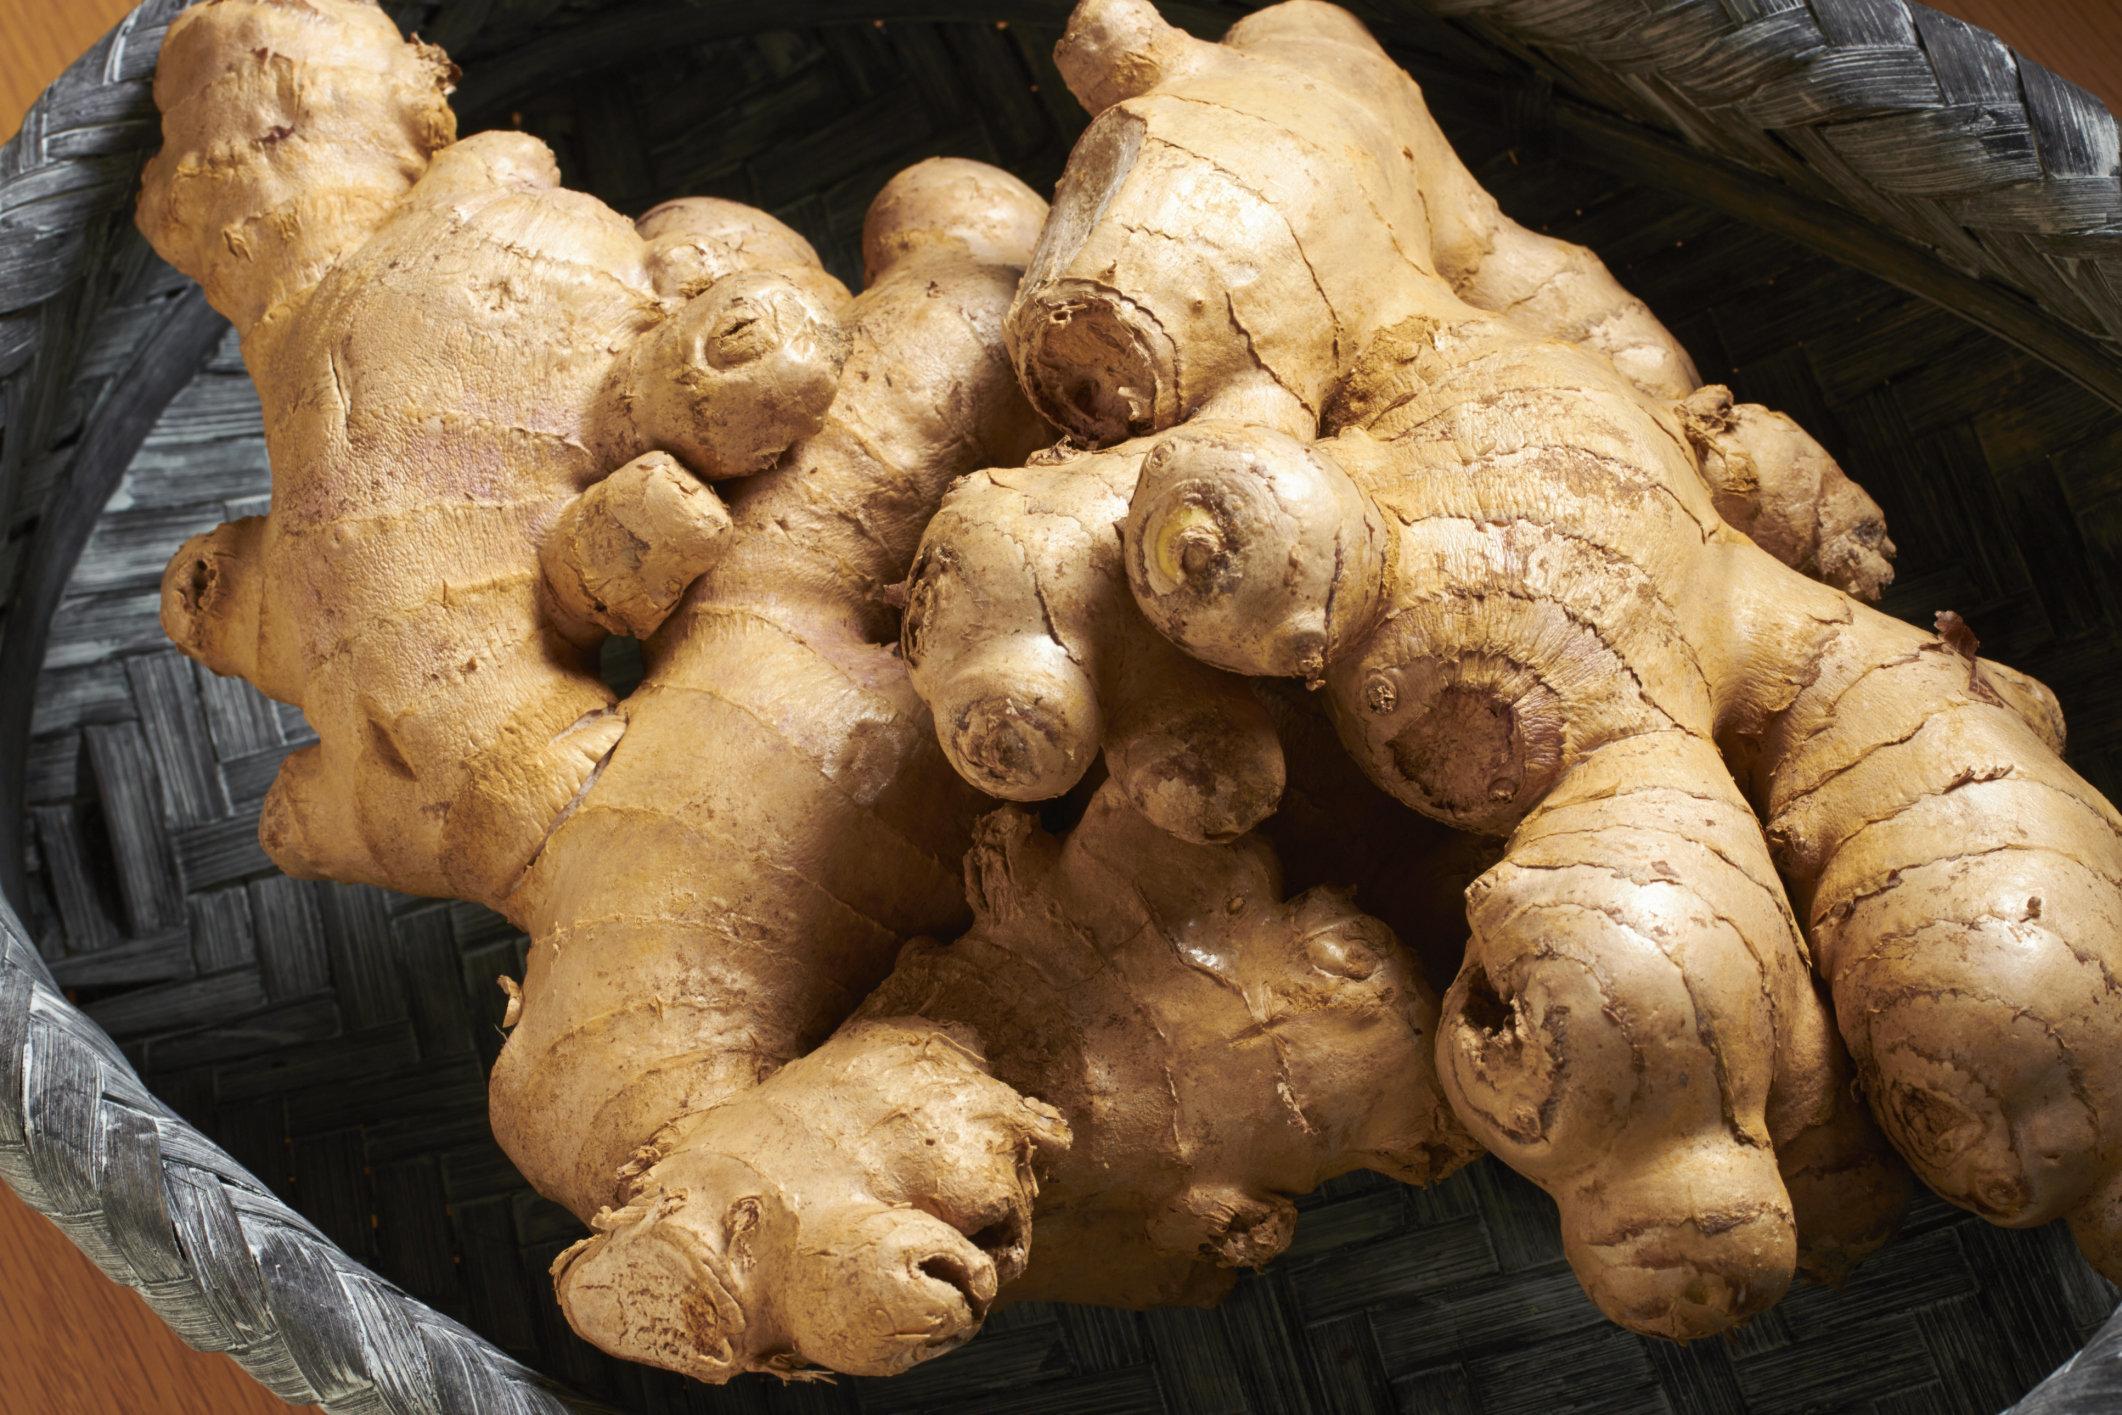 Fresh, raw organic ginger root